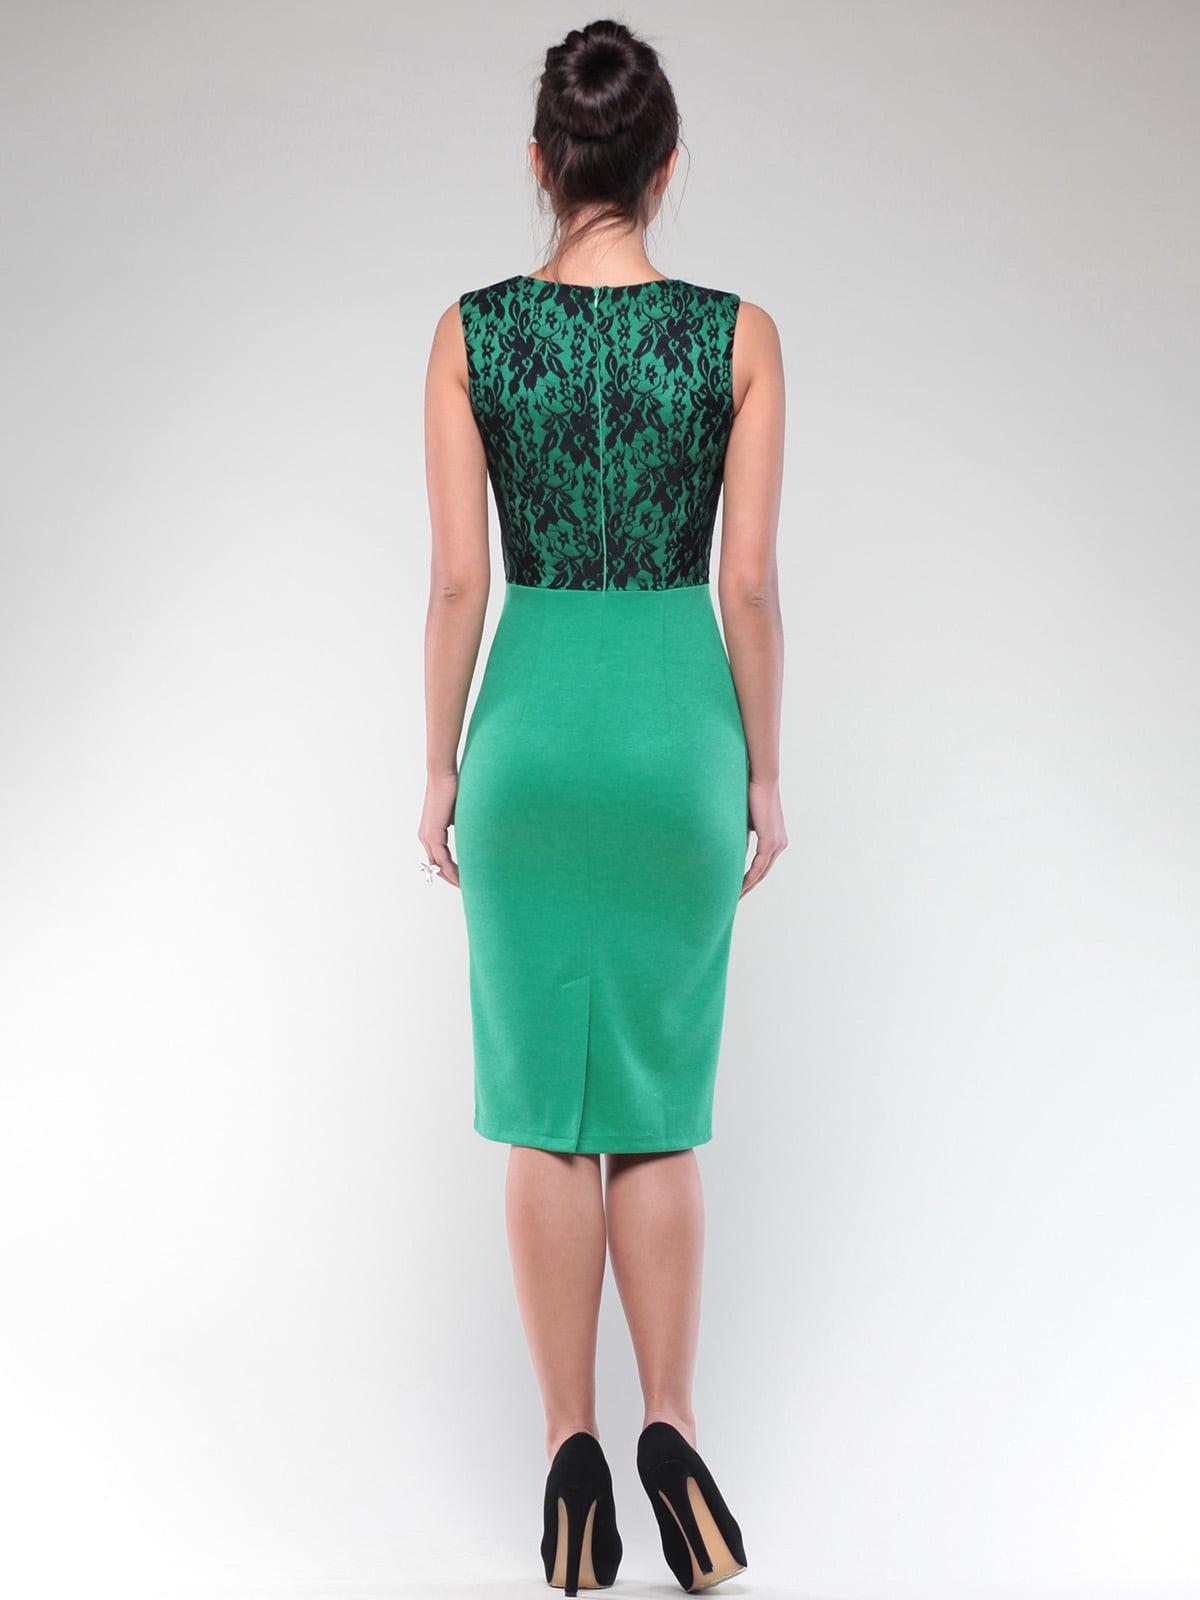 Платье зелено-черного цвета | 4637076 | фото 2